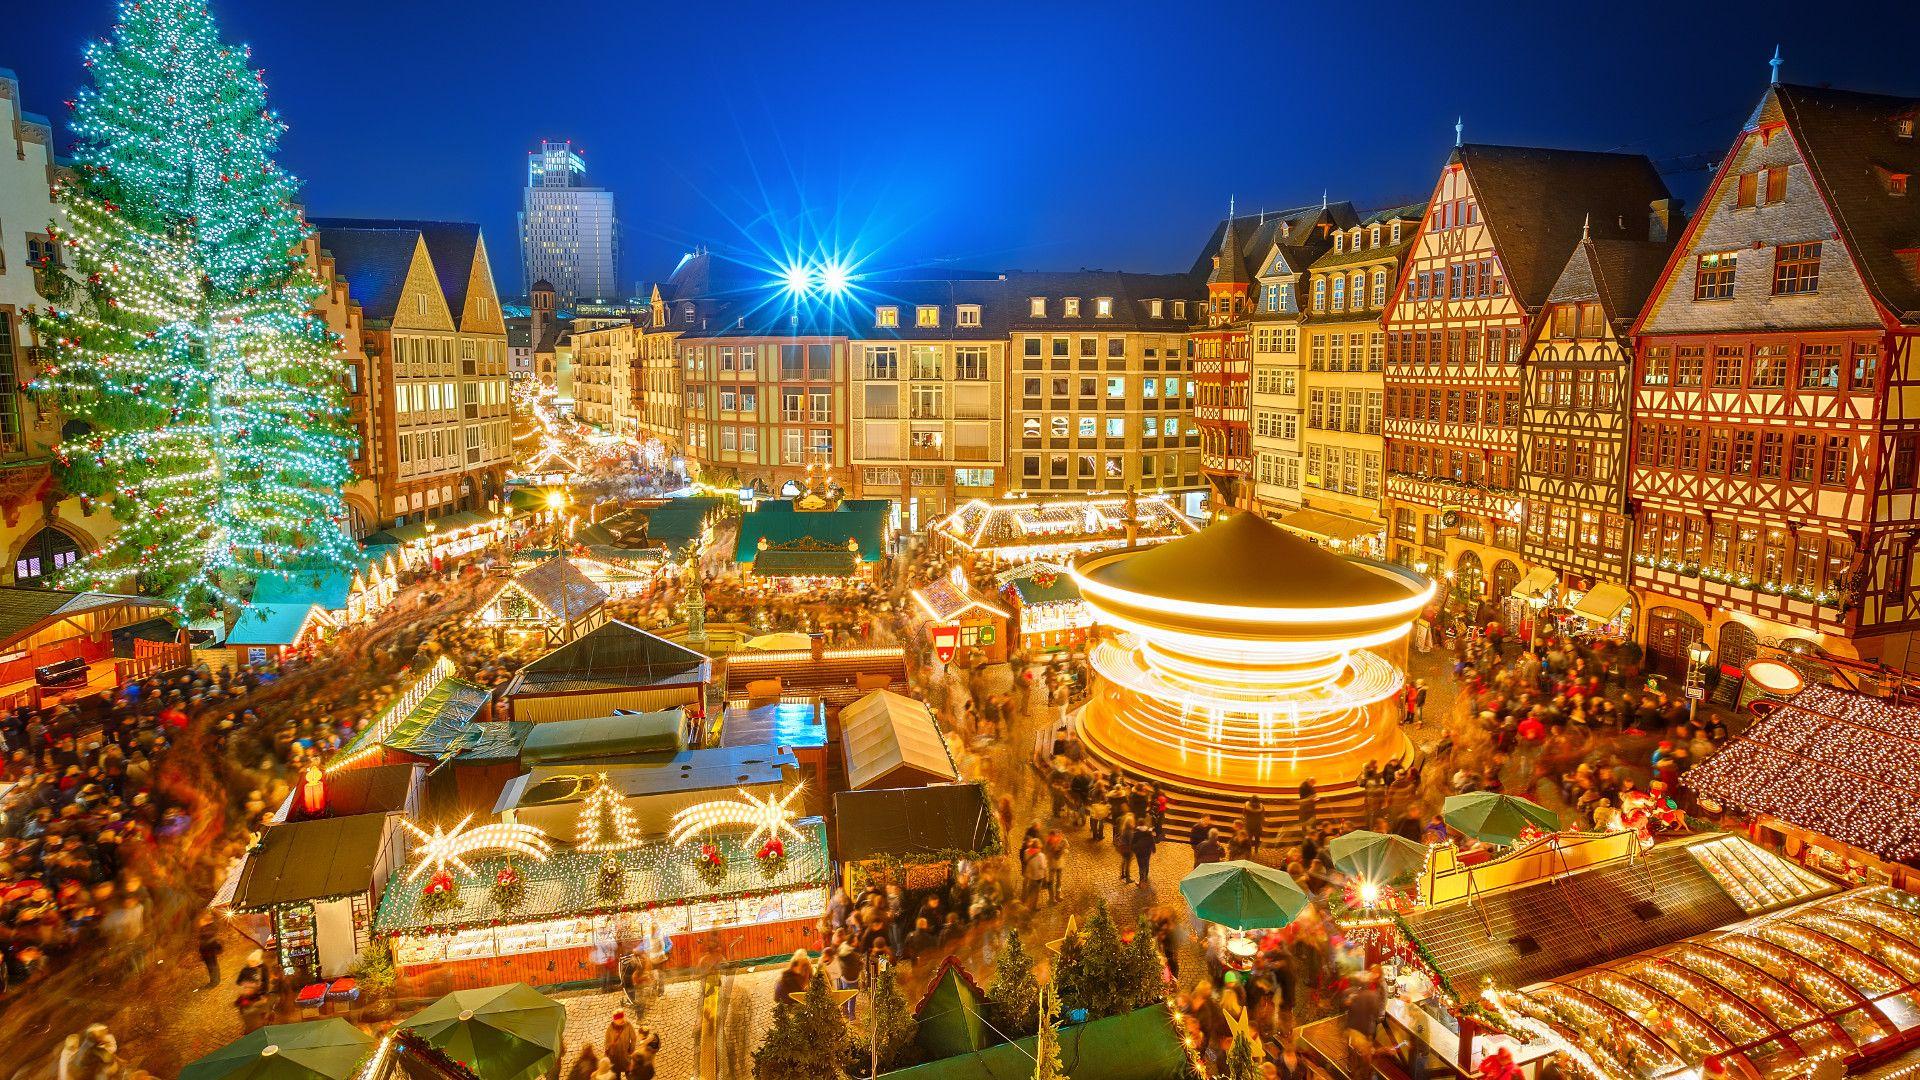 Visitez le marché de Noël de Bernkastel-Kues où de Trèves, où trône le plus grand calendrier de l'avent de la région et séjournez 2 nuits en demi-pension avec un verre de bienvenue, une boîte de coeurs pralinés au chocolat et bien plus !  http://travelbird.fr/27890/moselblick-wintrich/